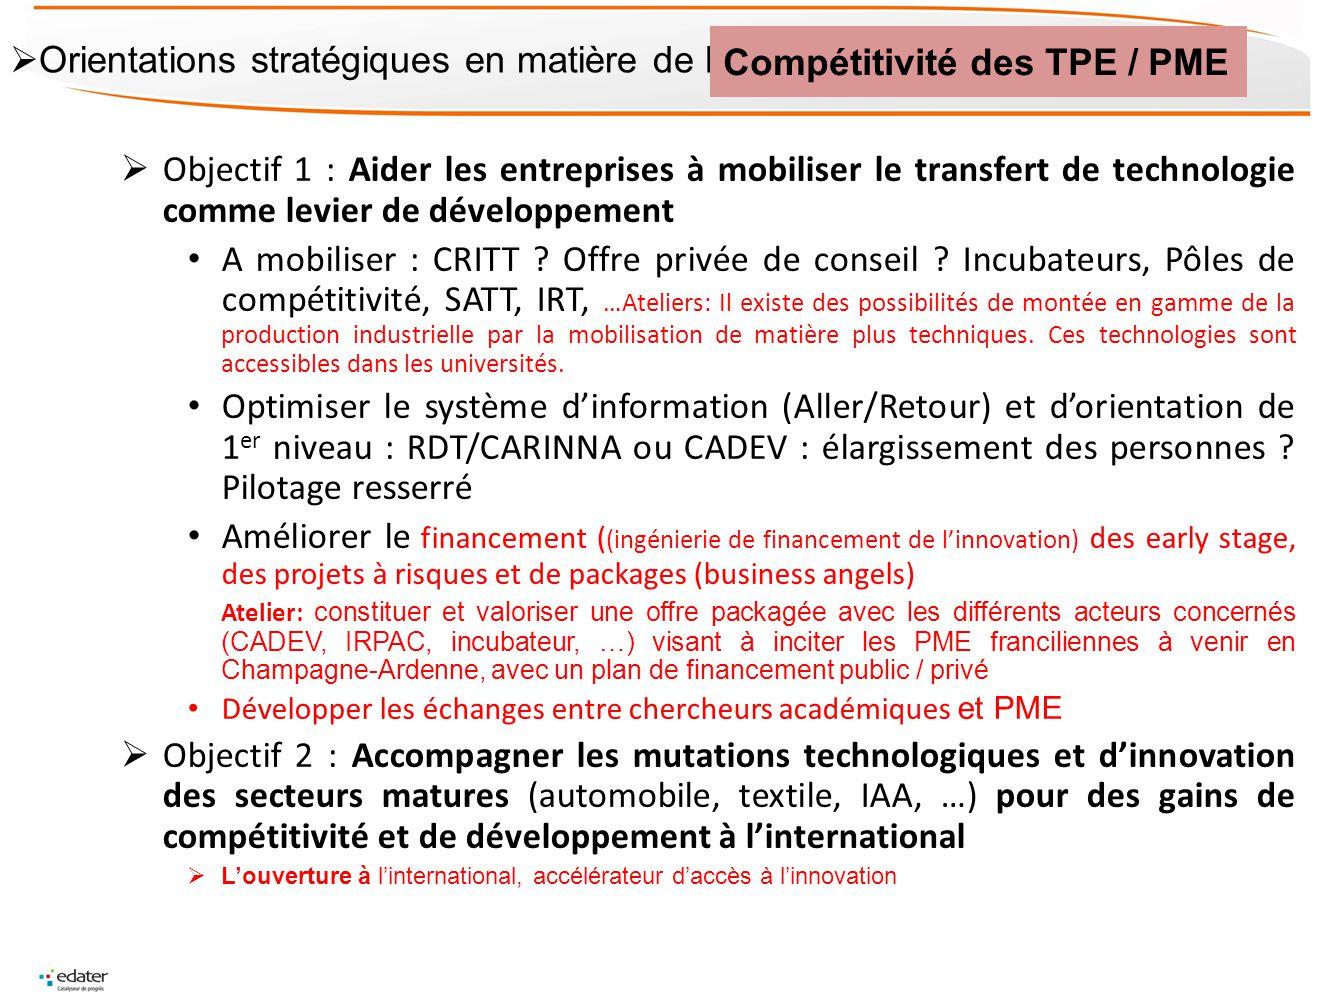 Objectif 1 : Aider les entreprises à mobiliser le transfert de technologie comme levier de développement A mobiliser : CRITT ? Offre privée de conseil